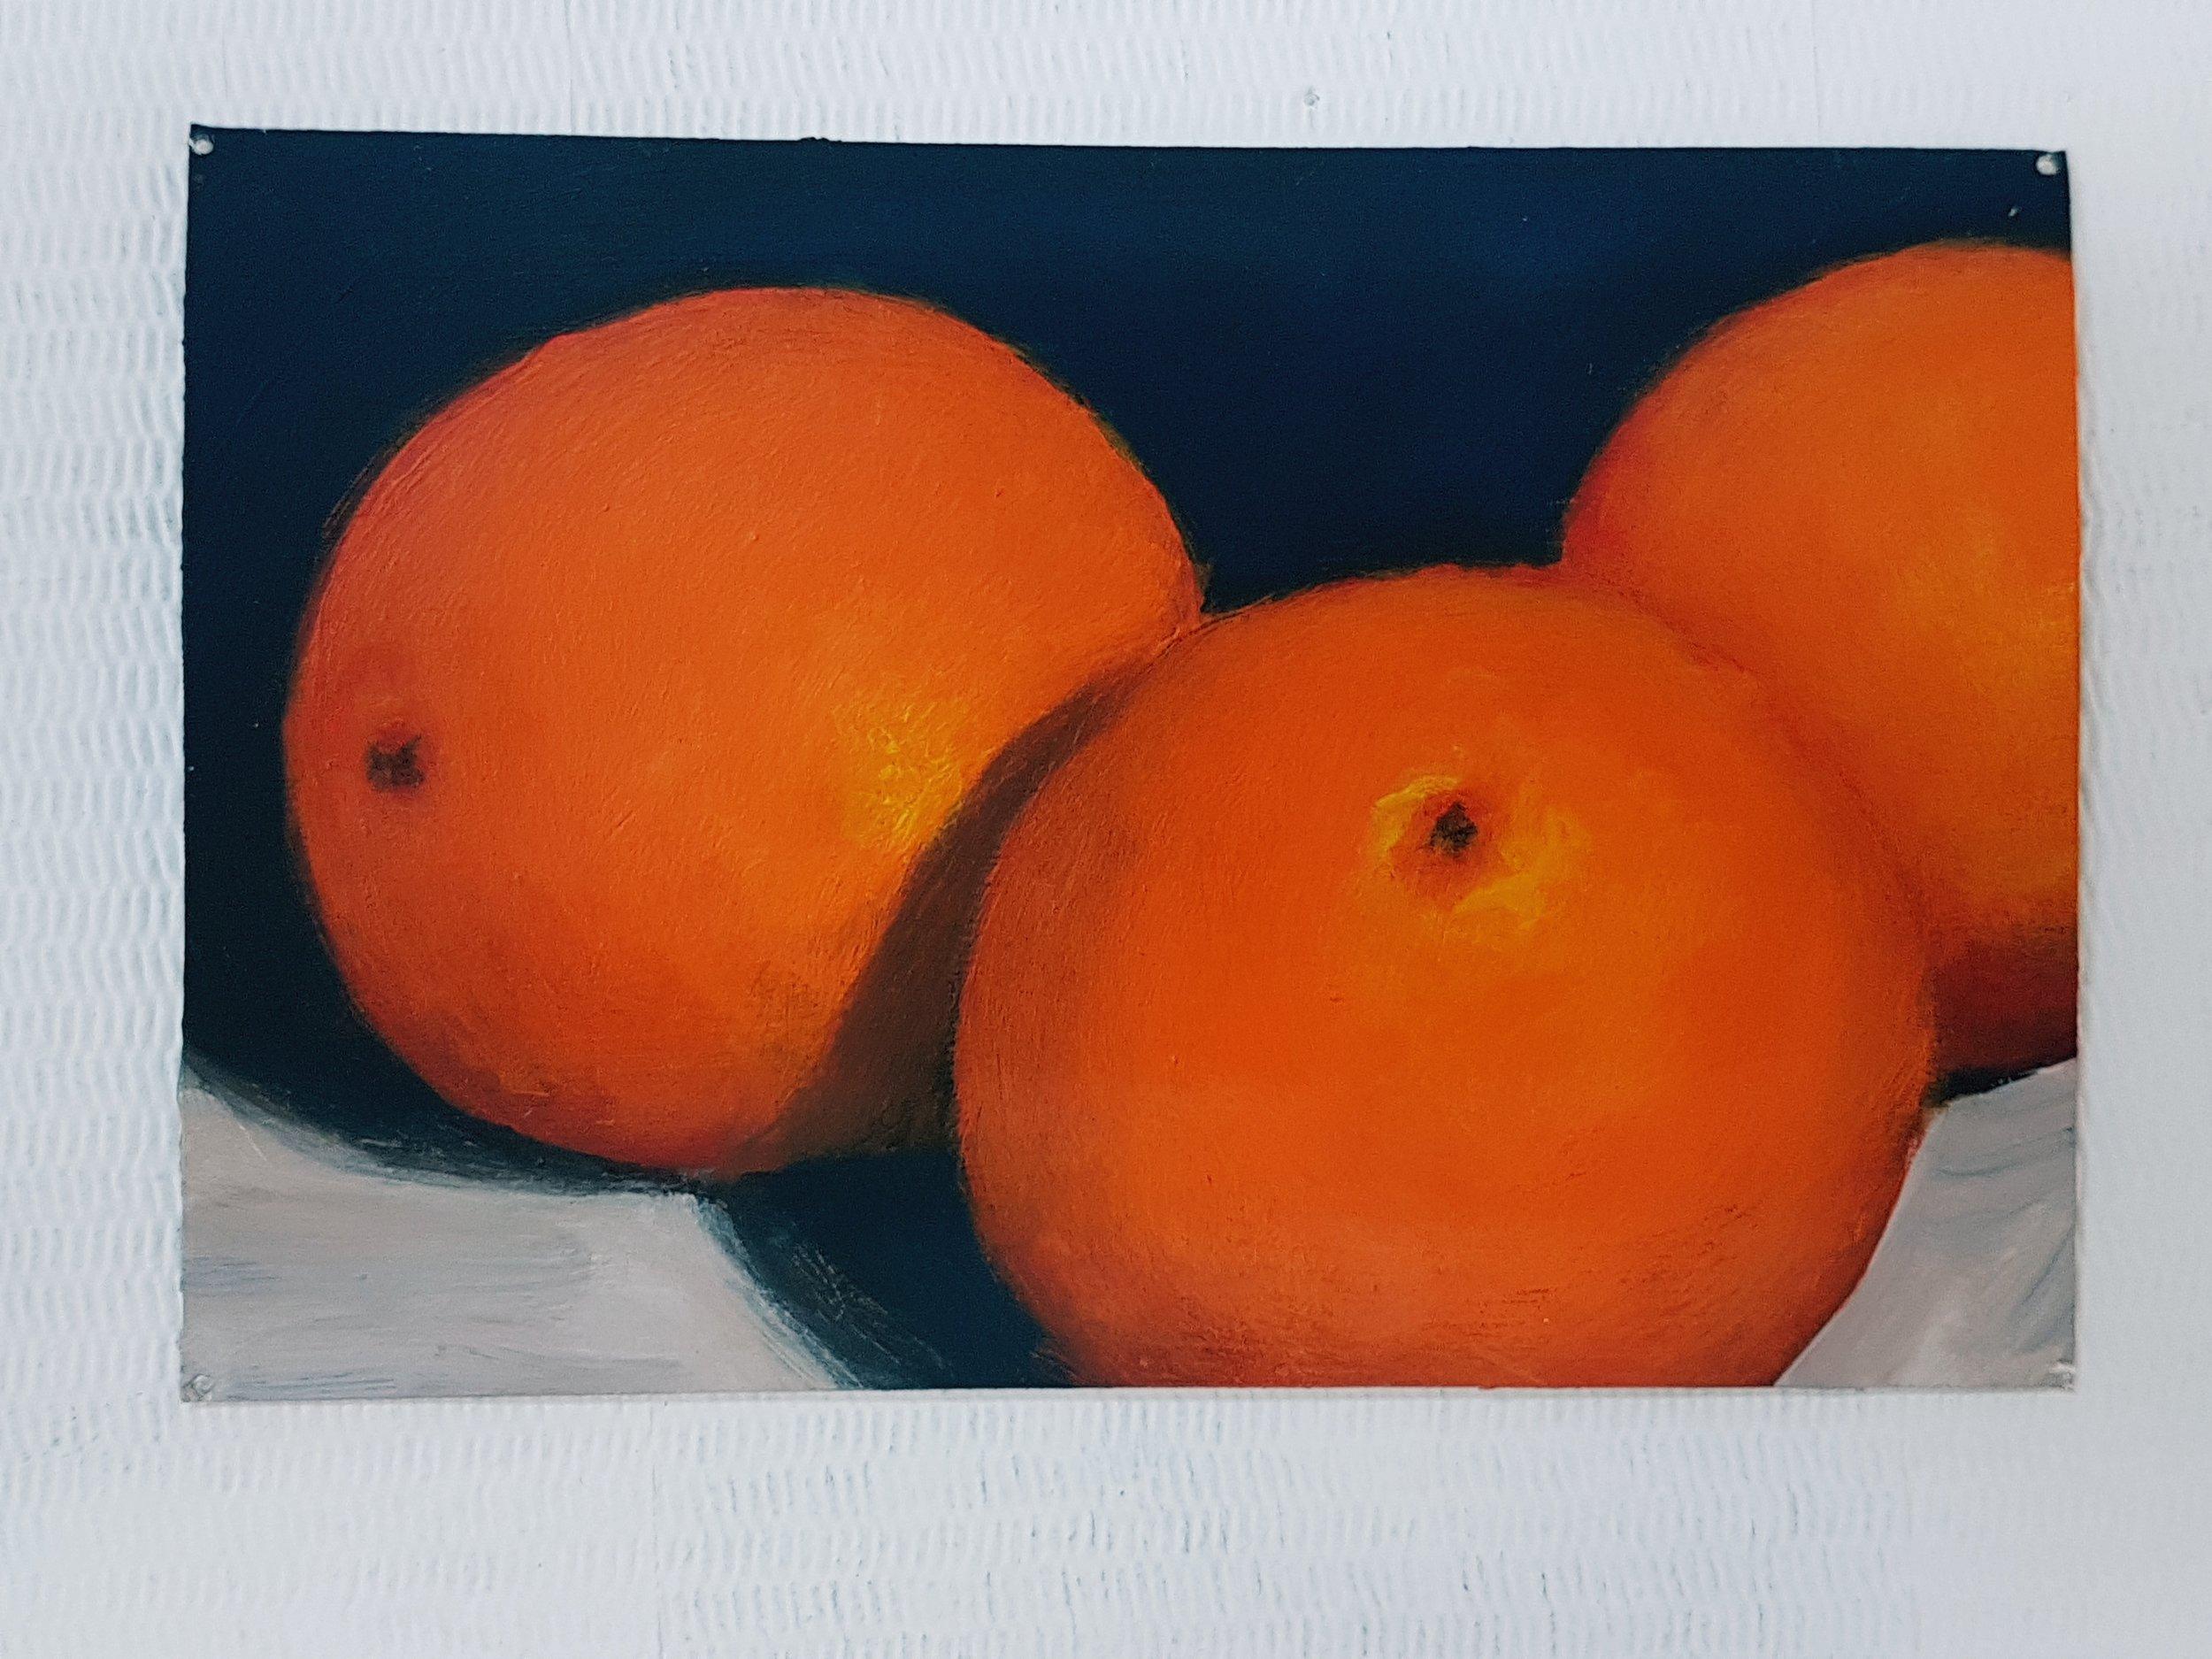 2017-014 PC04 - Oranges